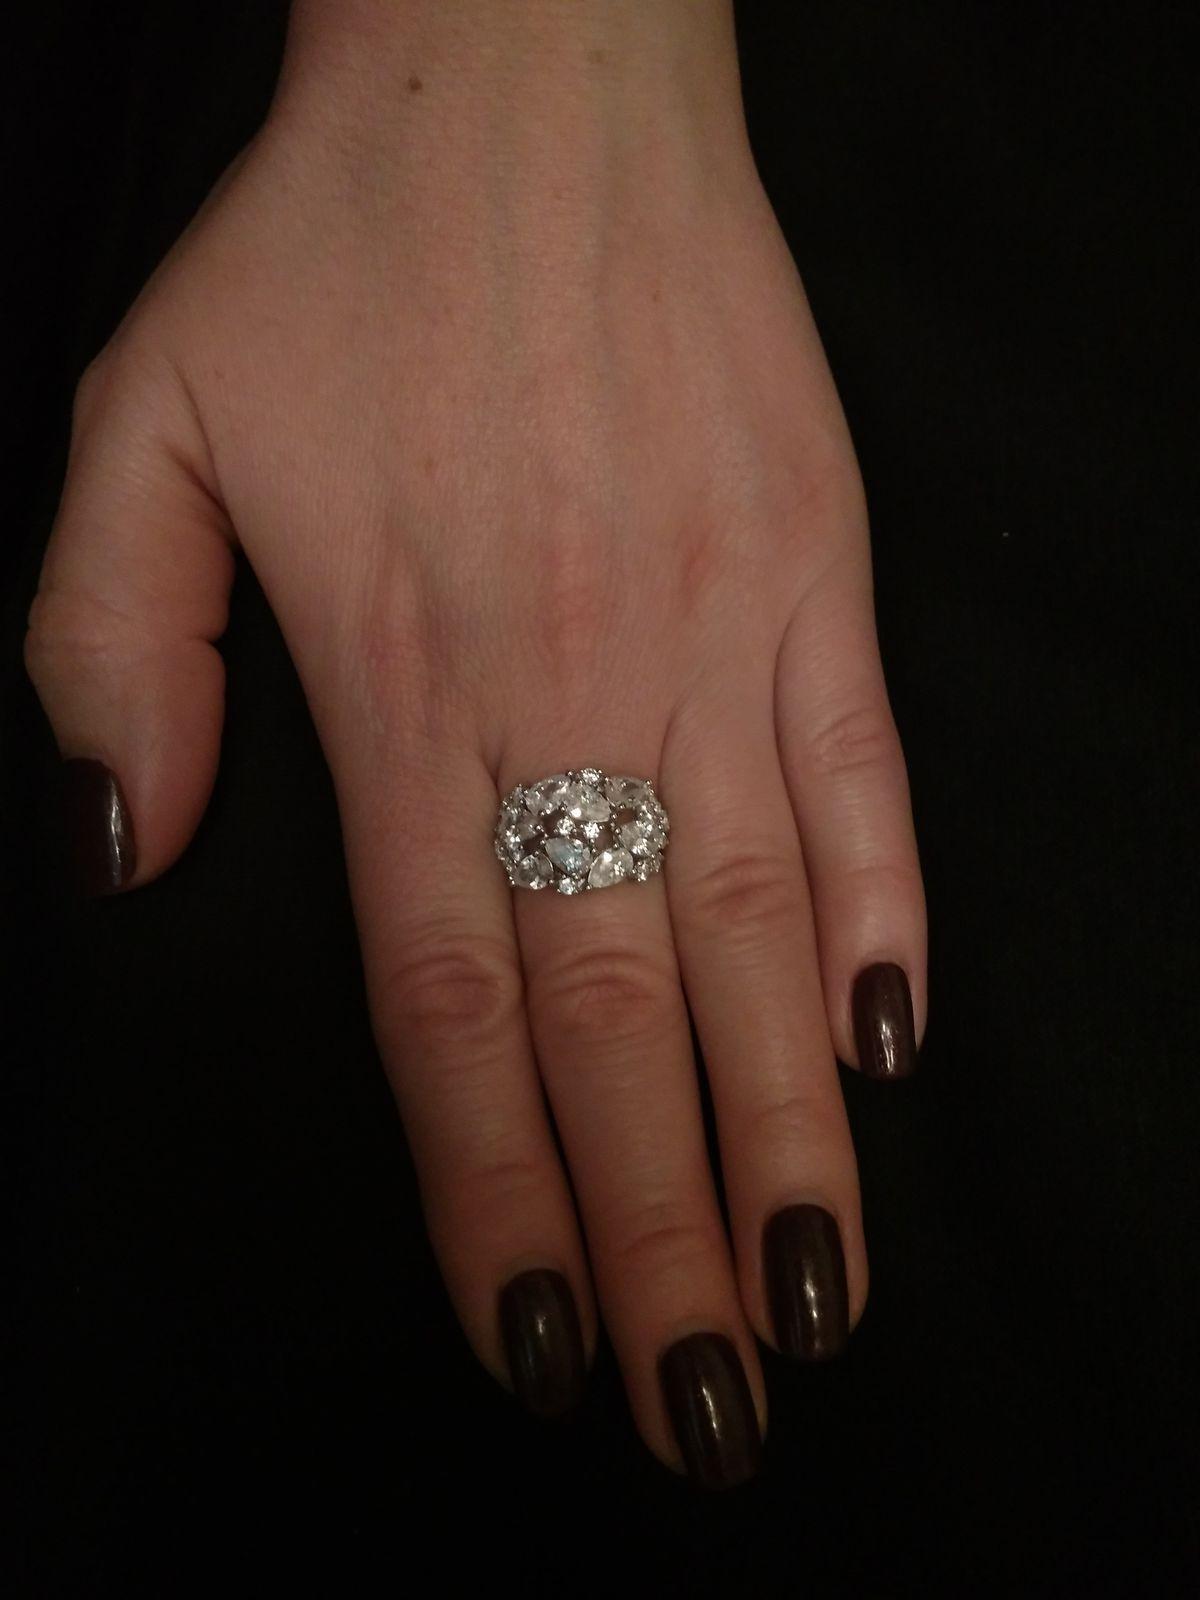 Праздничное кольцо!))